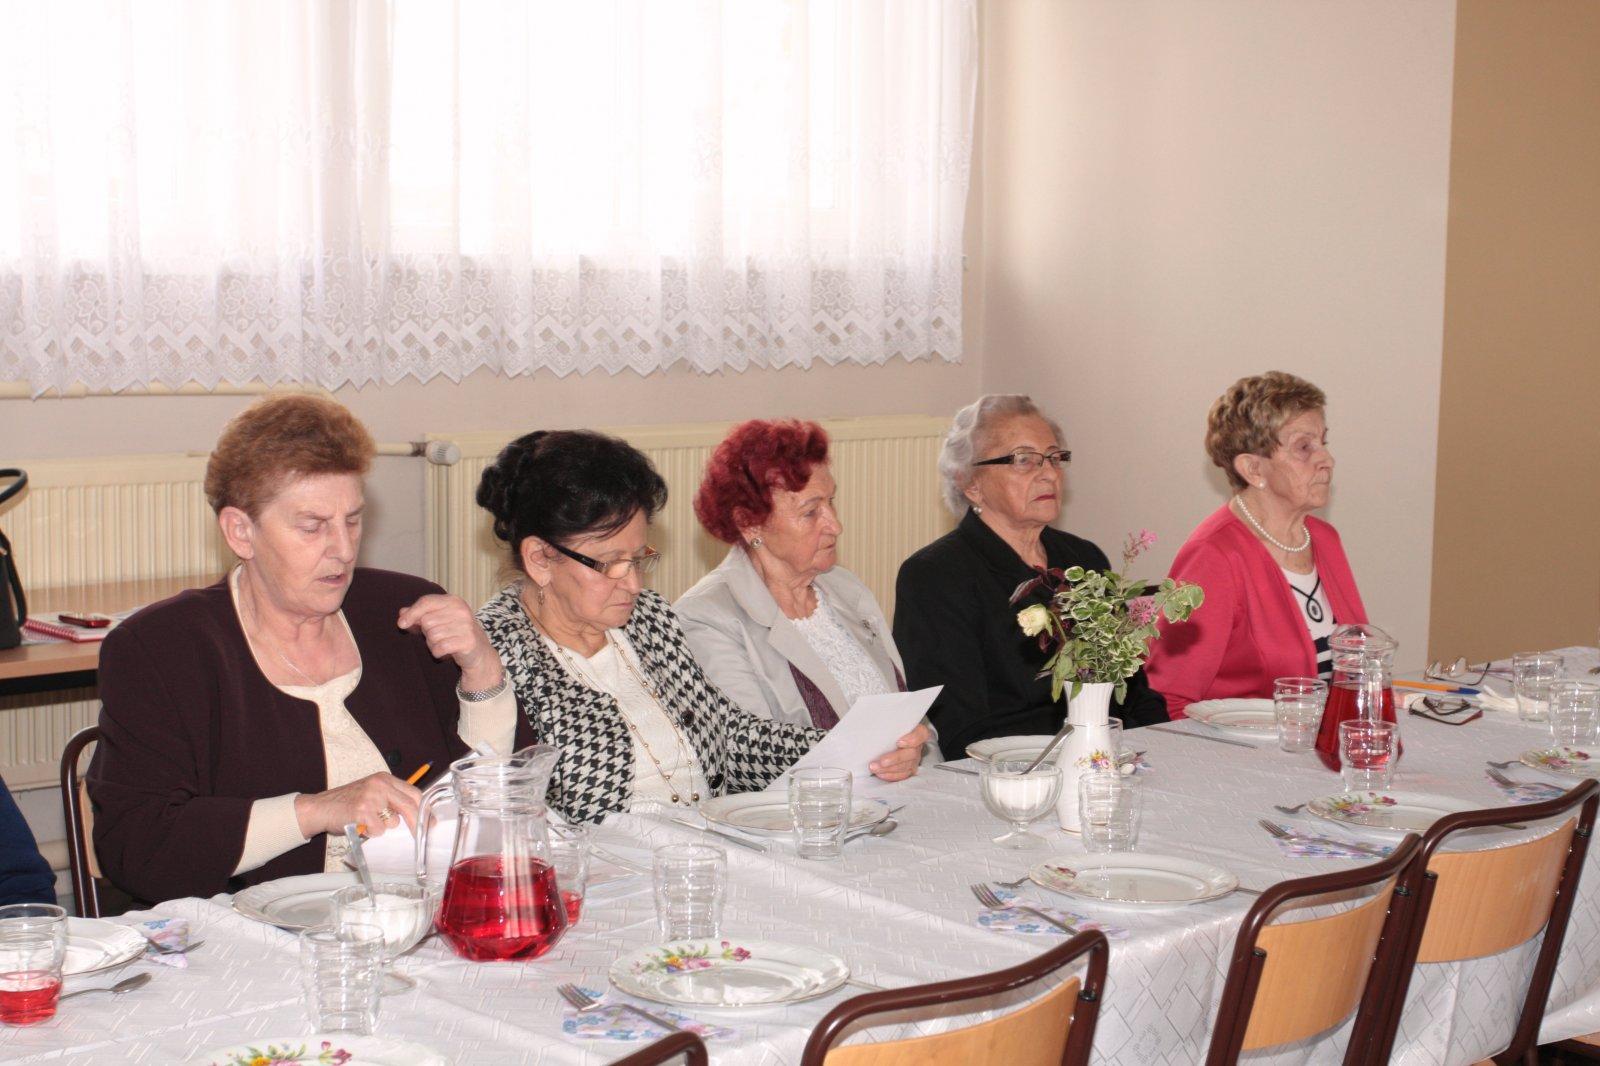 Spotkanie sprawozdawczo-wyborcze Związku Kombatantów RP iByłych Więźniów Politycznych Koła wKaźmierzu.